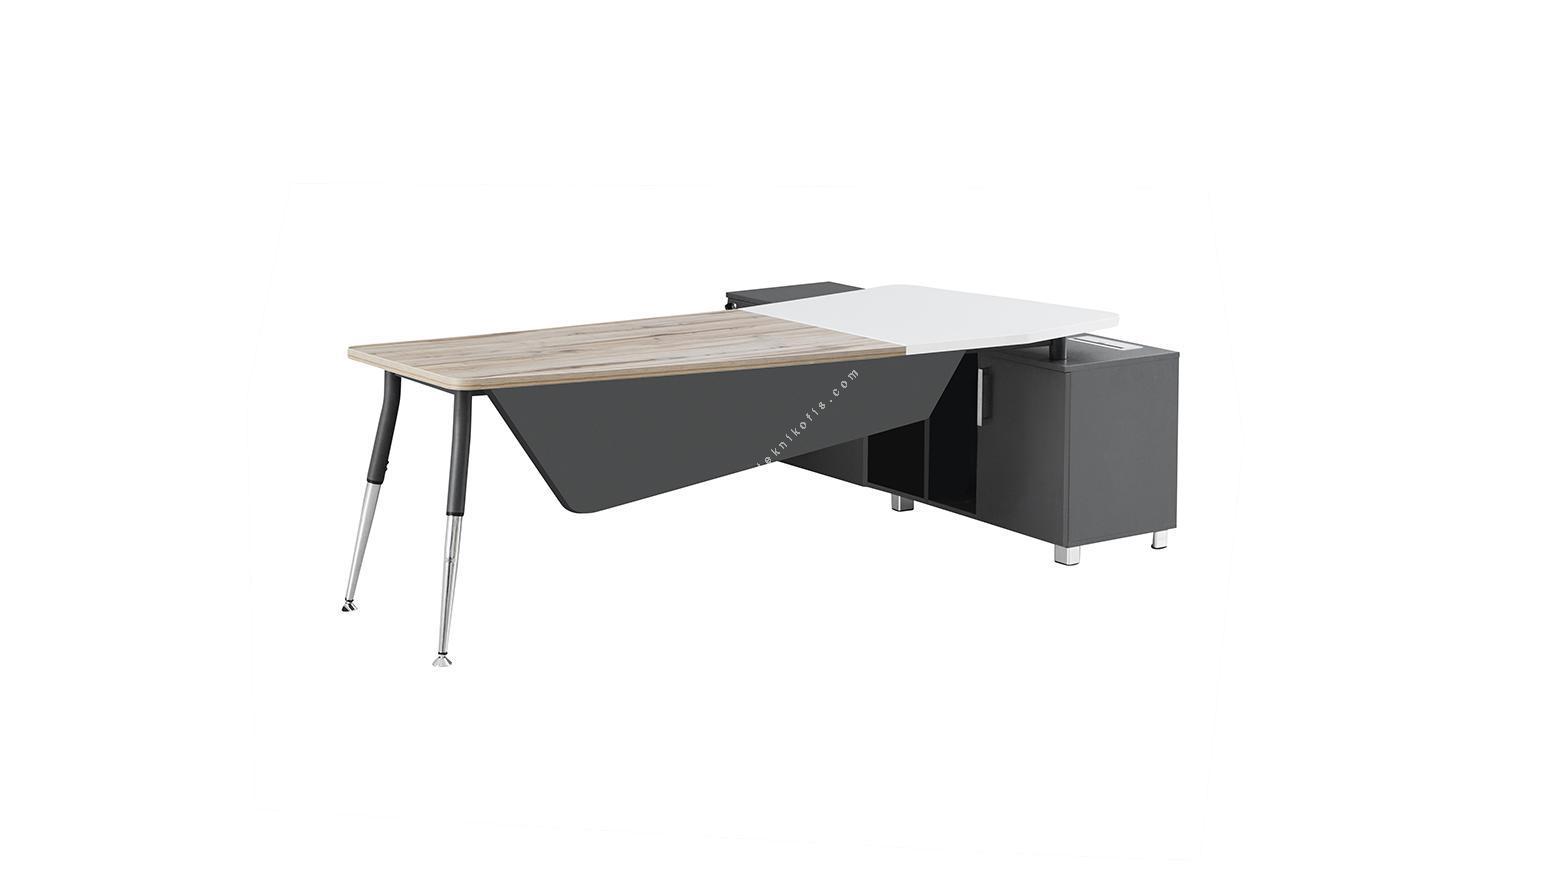 touch etajerli yönetici masası 245cm